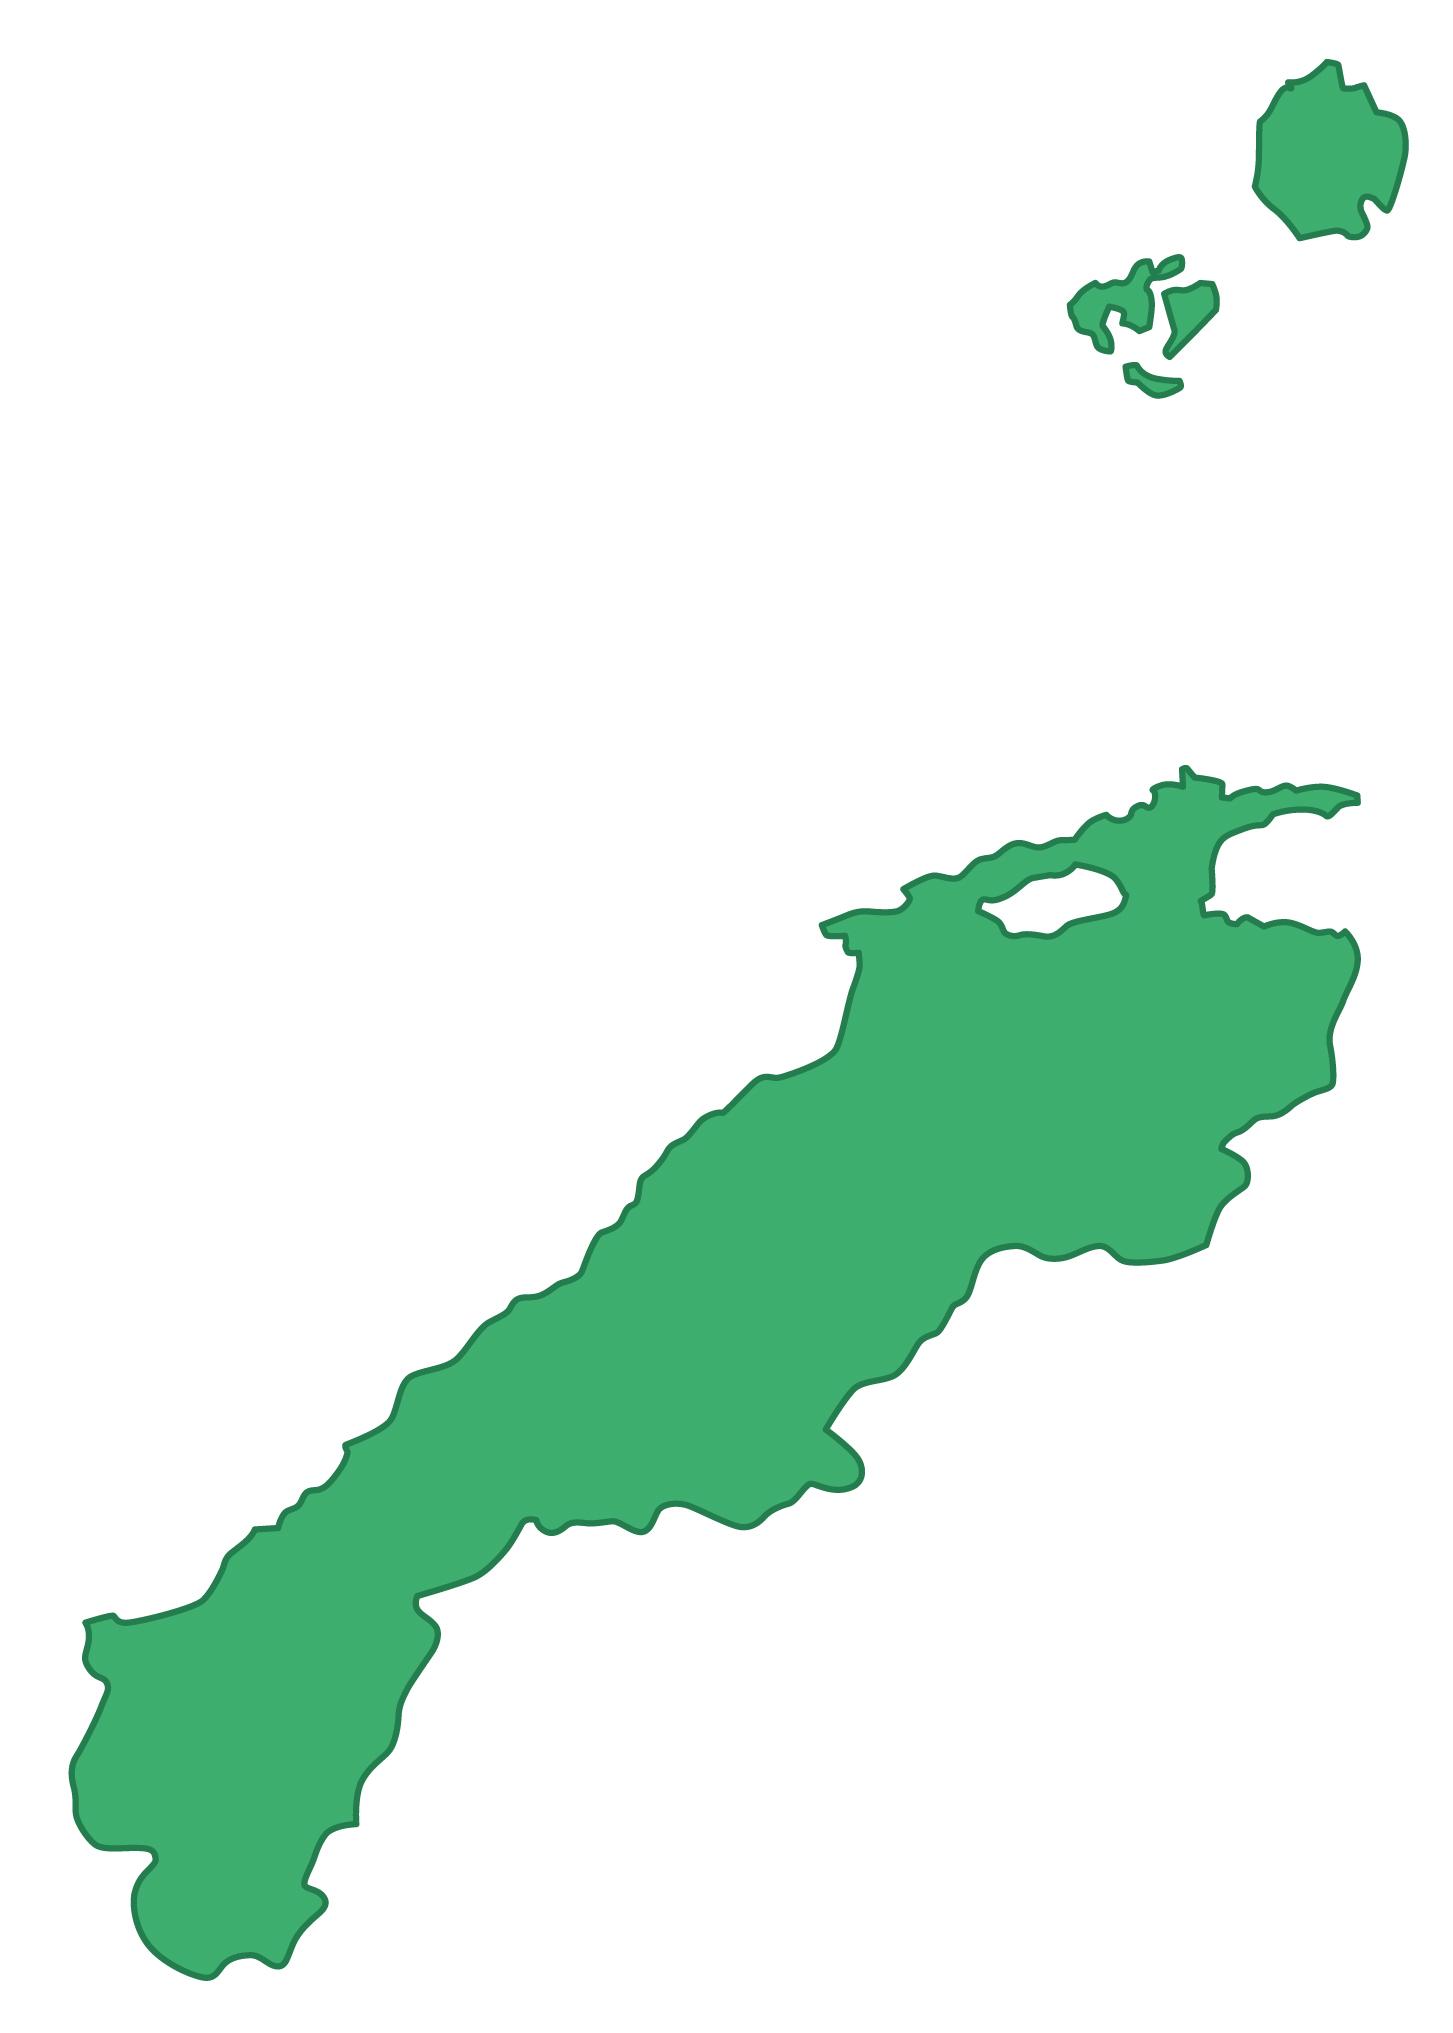 島根県無料フリーイラスト|文字なし(緑)